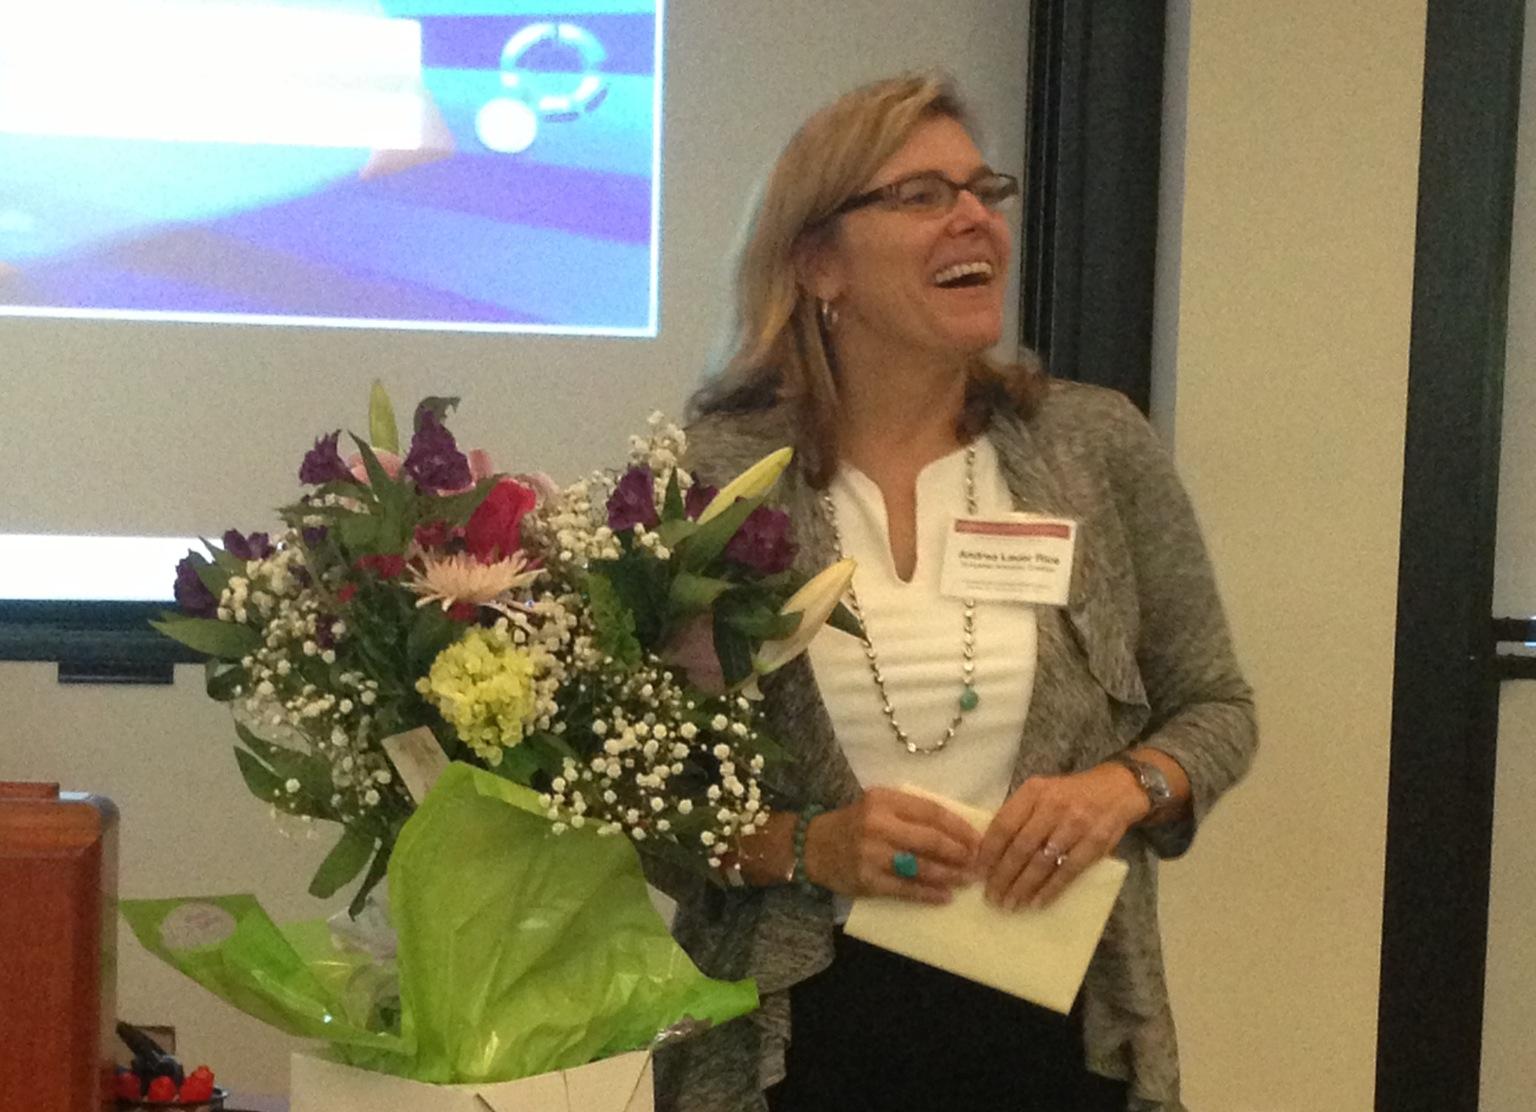 Coalition VP Andrea Lauer Rice, lead HATOG 7 organizer